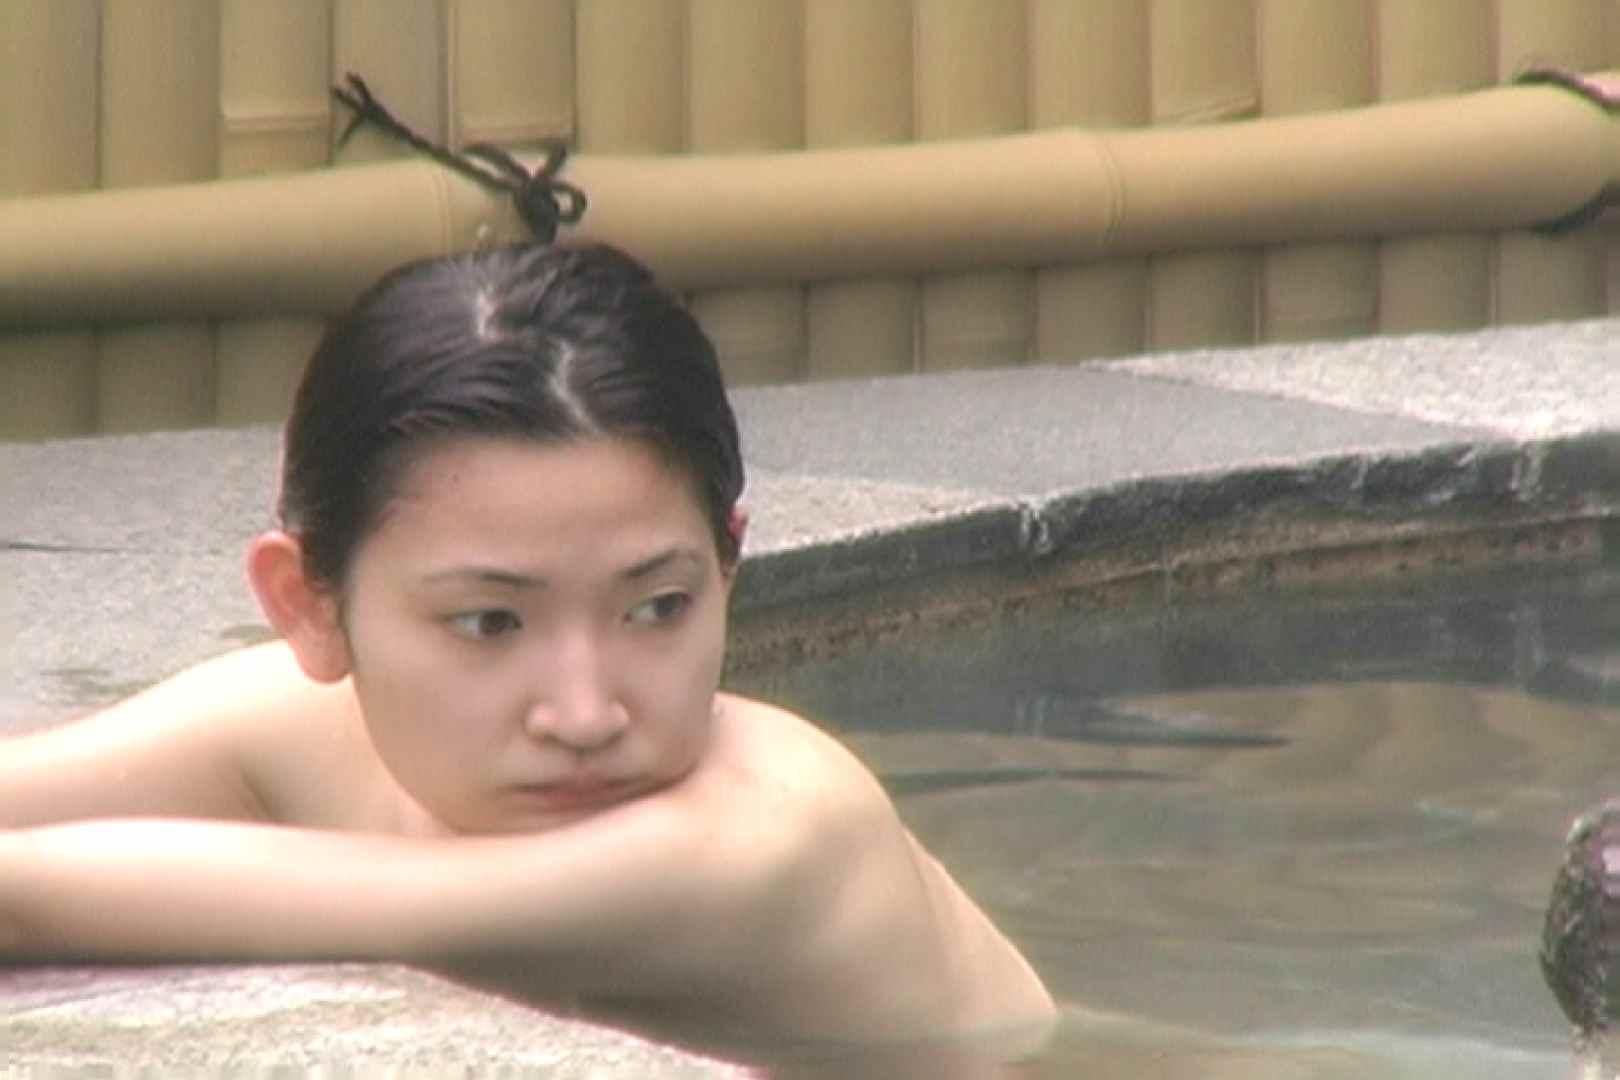 Aquaな露天風呂Vol.637 OLのエロ生活 ワレメ無修正動画無料 50連発 38